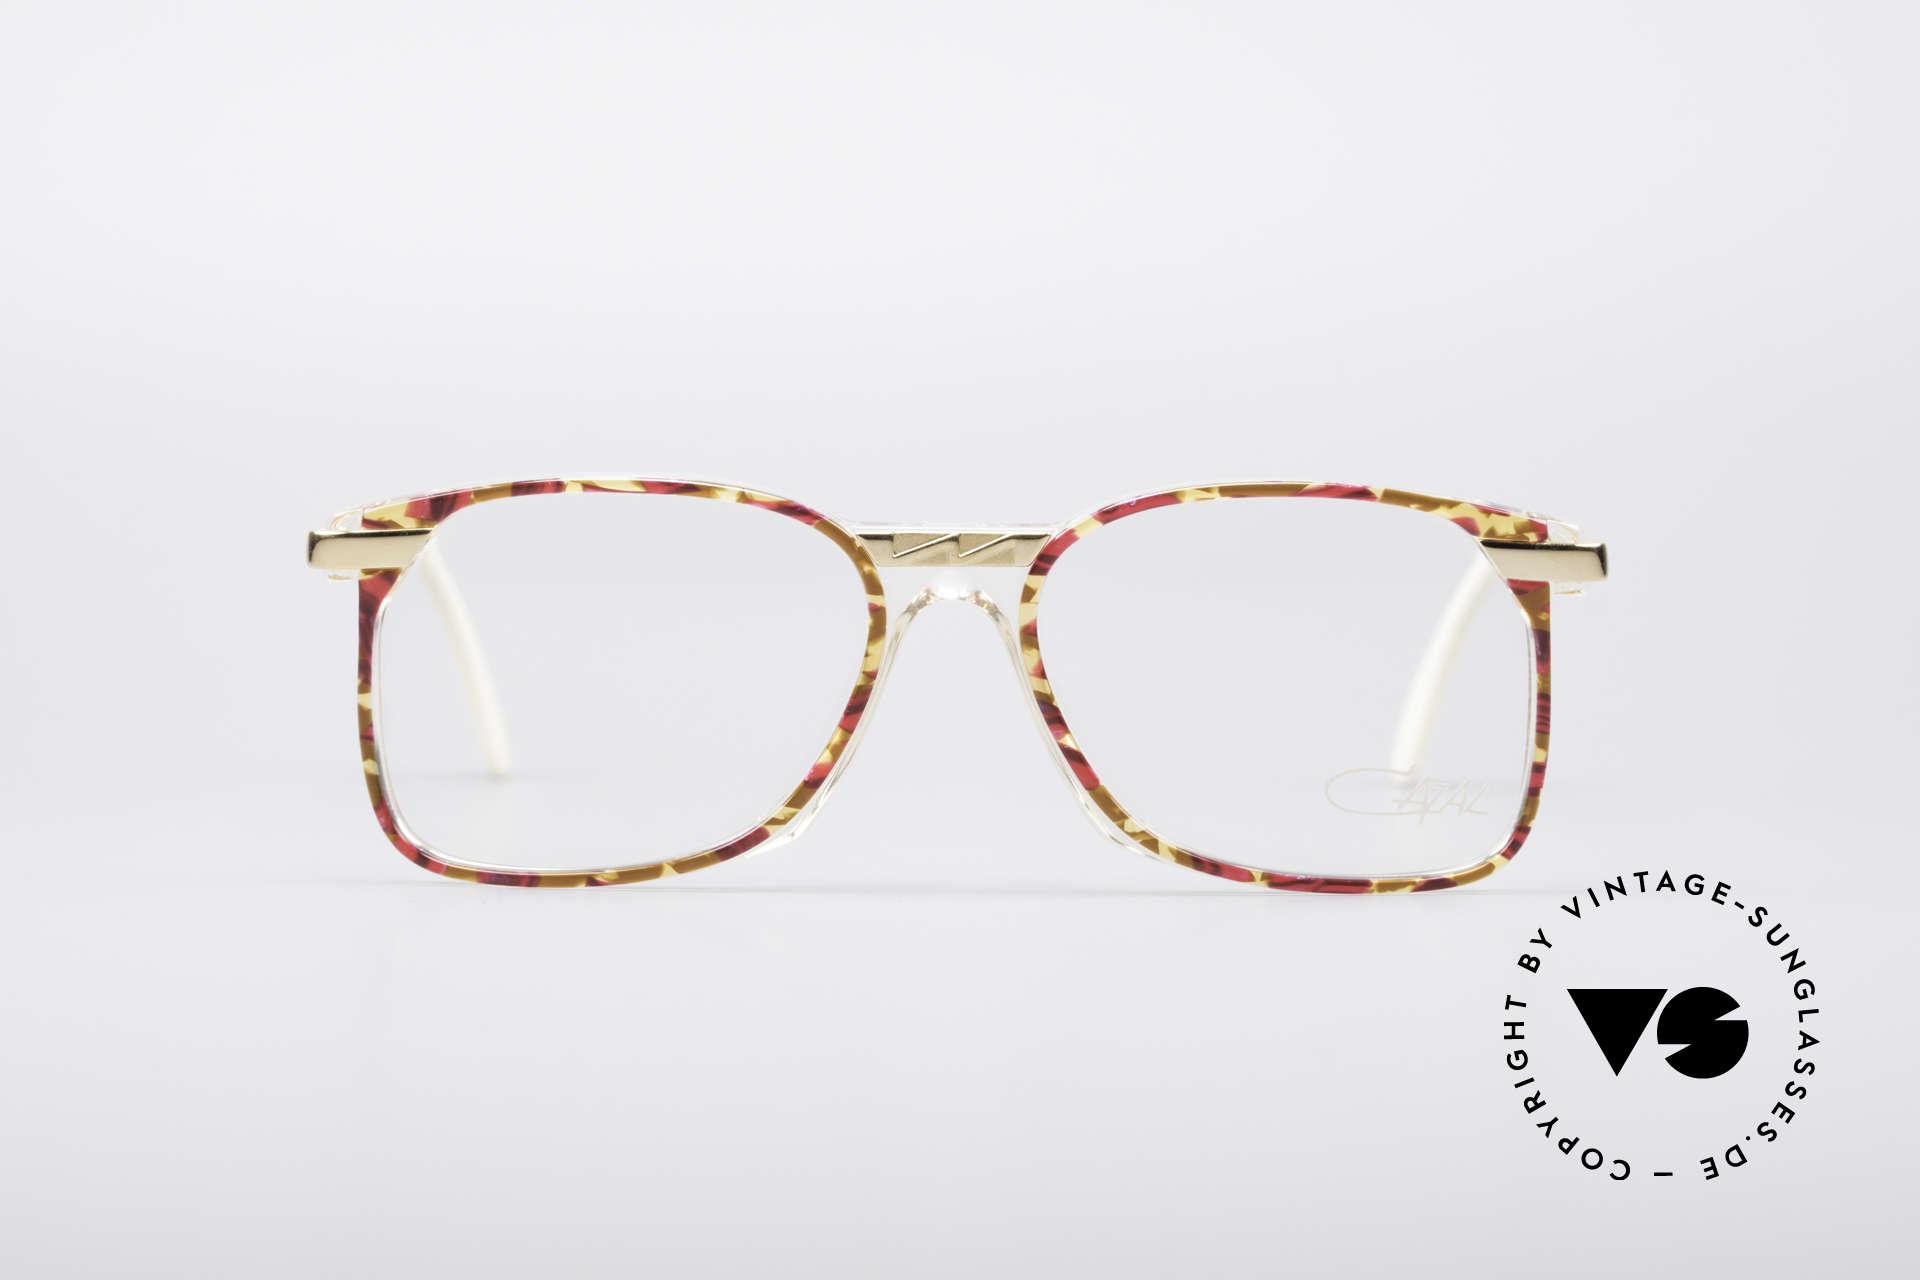 Cazal 341 Vintage No Retro Brille 90er, tolle Kombination von Transparenz, Farbe & Metall, Passend für Damen